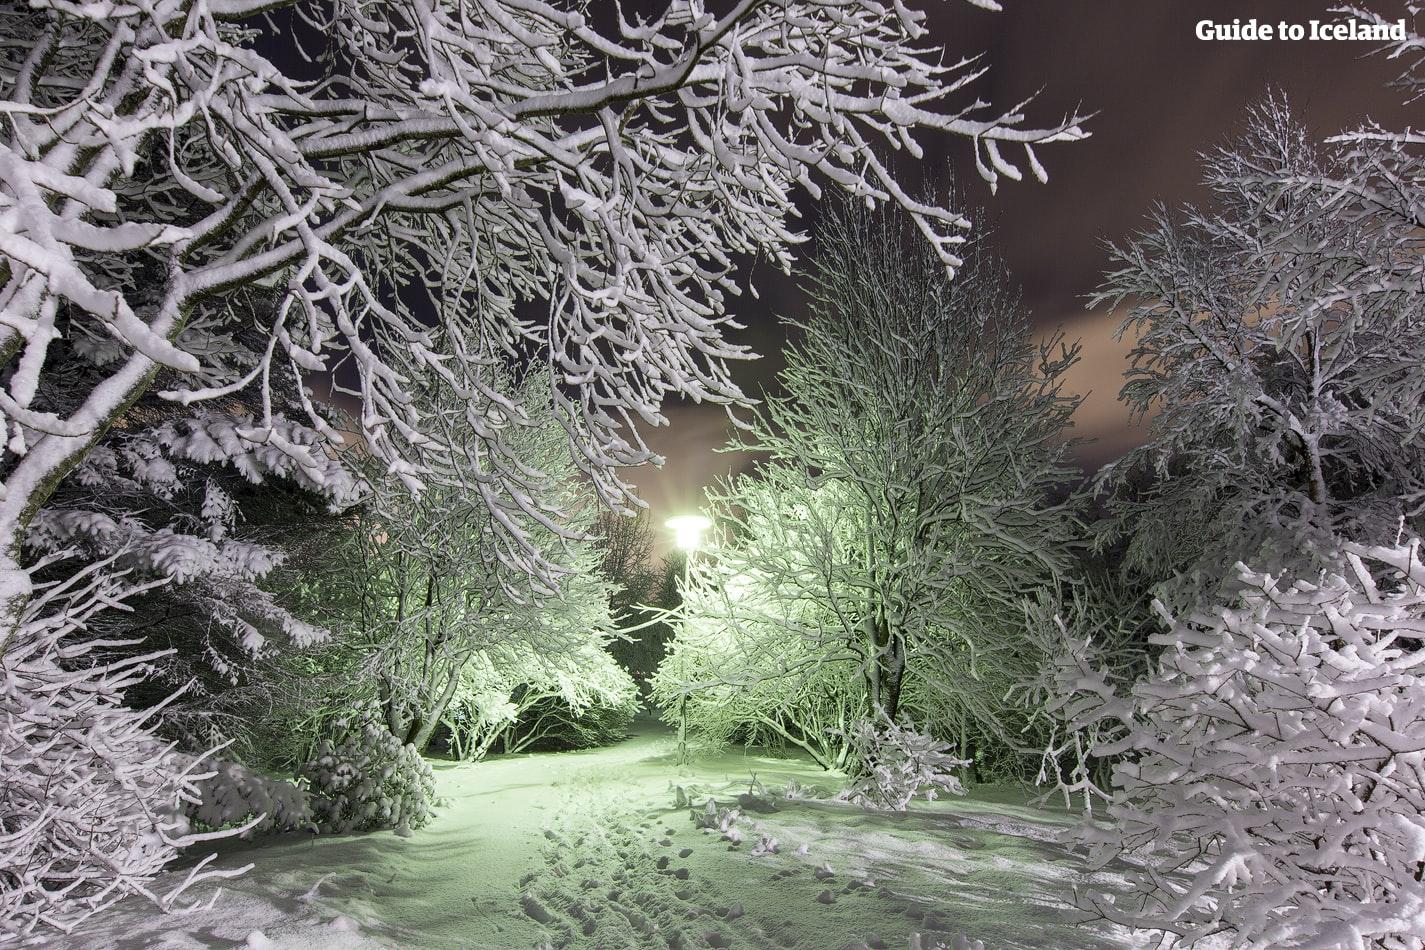 冰岛首都雷克雅未克市中心的Laugardalur地区被白雪覆盖时显得比平日更为迷人